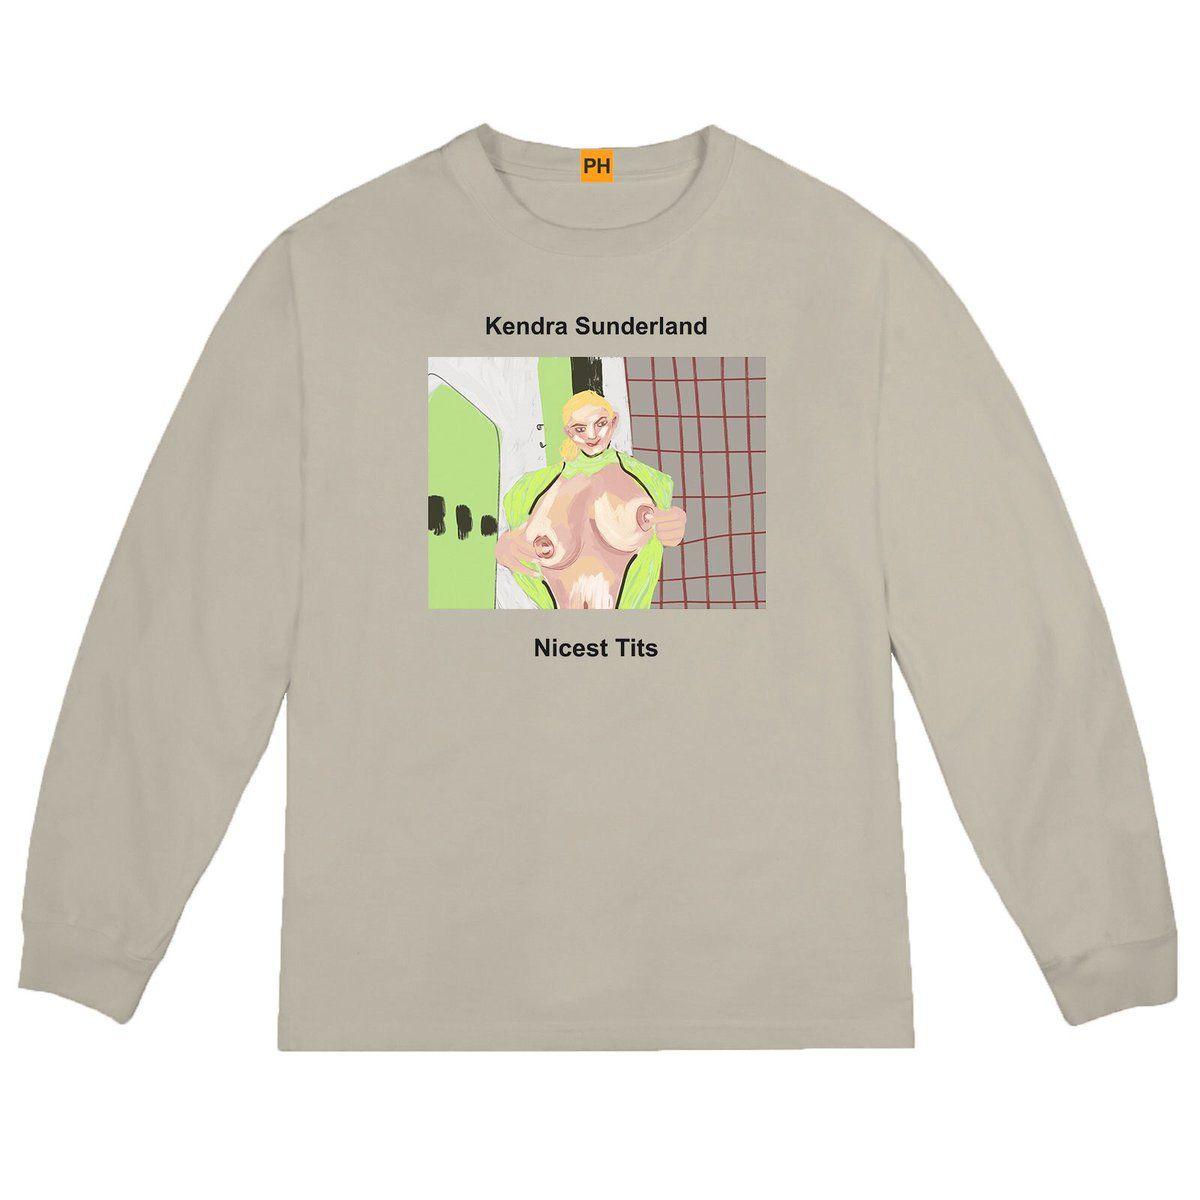 Kanye West Kanyewest Twitter Long Sleeve Tshirt Men Kanye West Graphic Sweatshirt